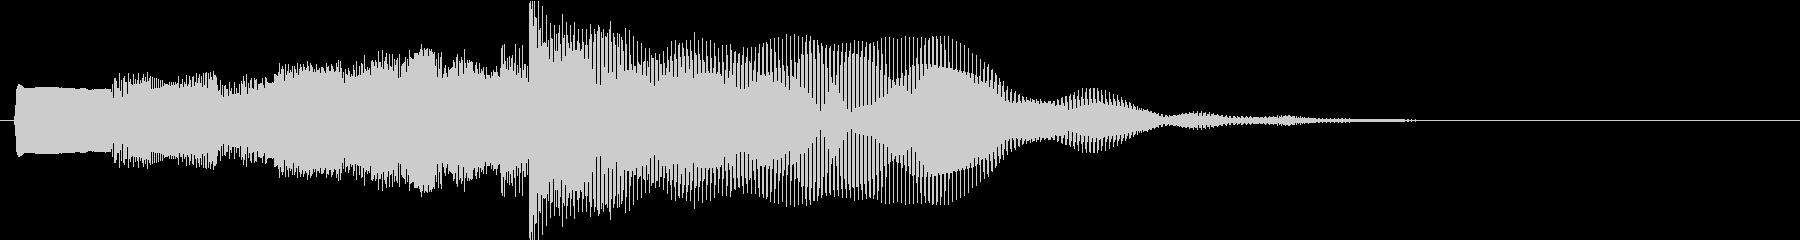 反復的なシンセ要素と脈動するベース...の未再生の波形